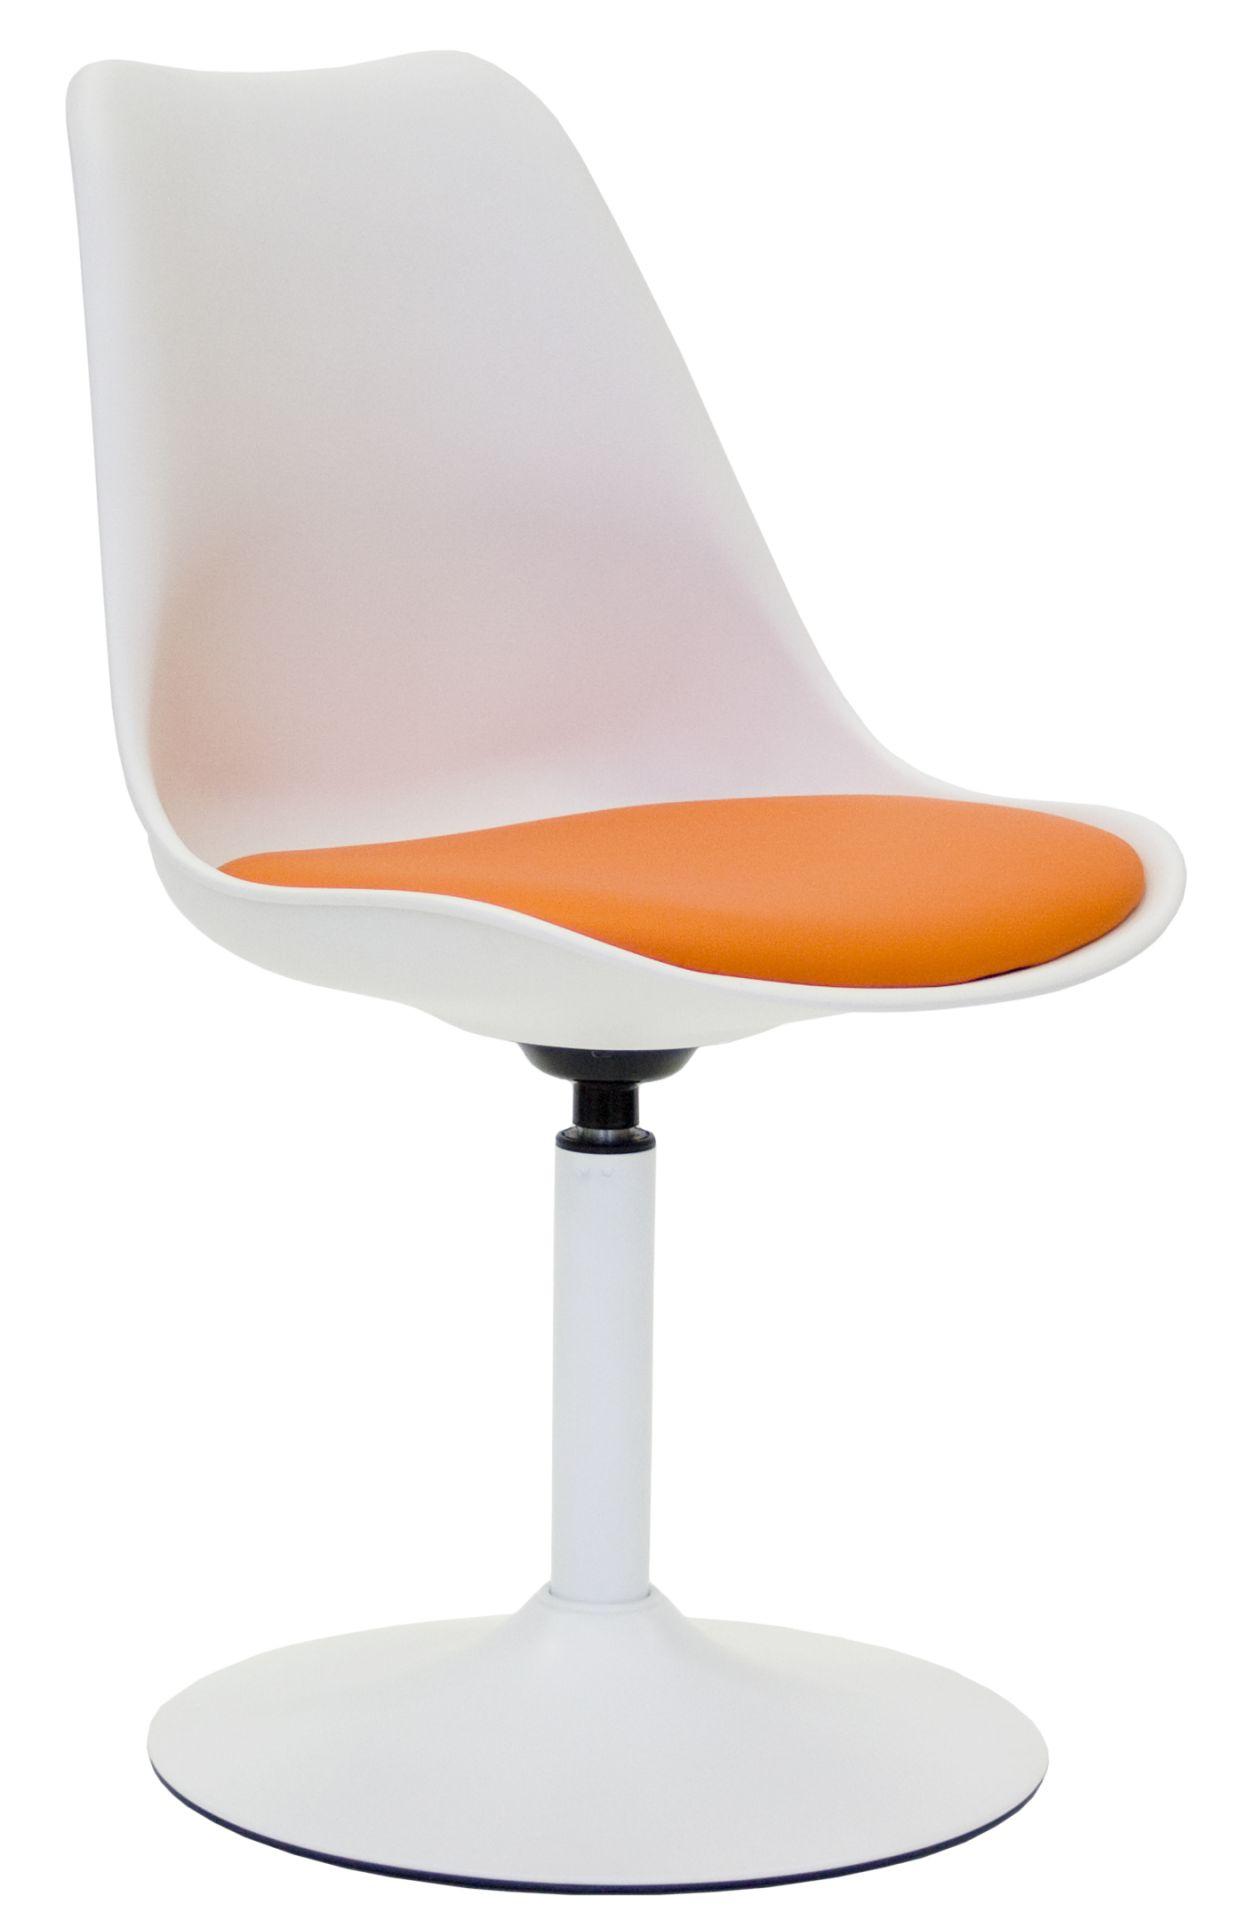 Tenzo Viva Stoel - Witte Zitting - Oranje Zitkussen - Wit Metalen Onderstel